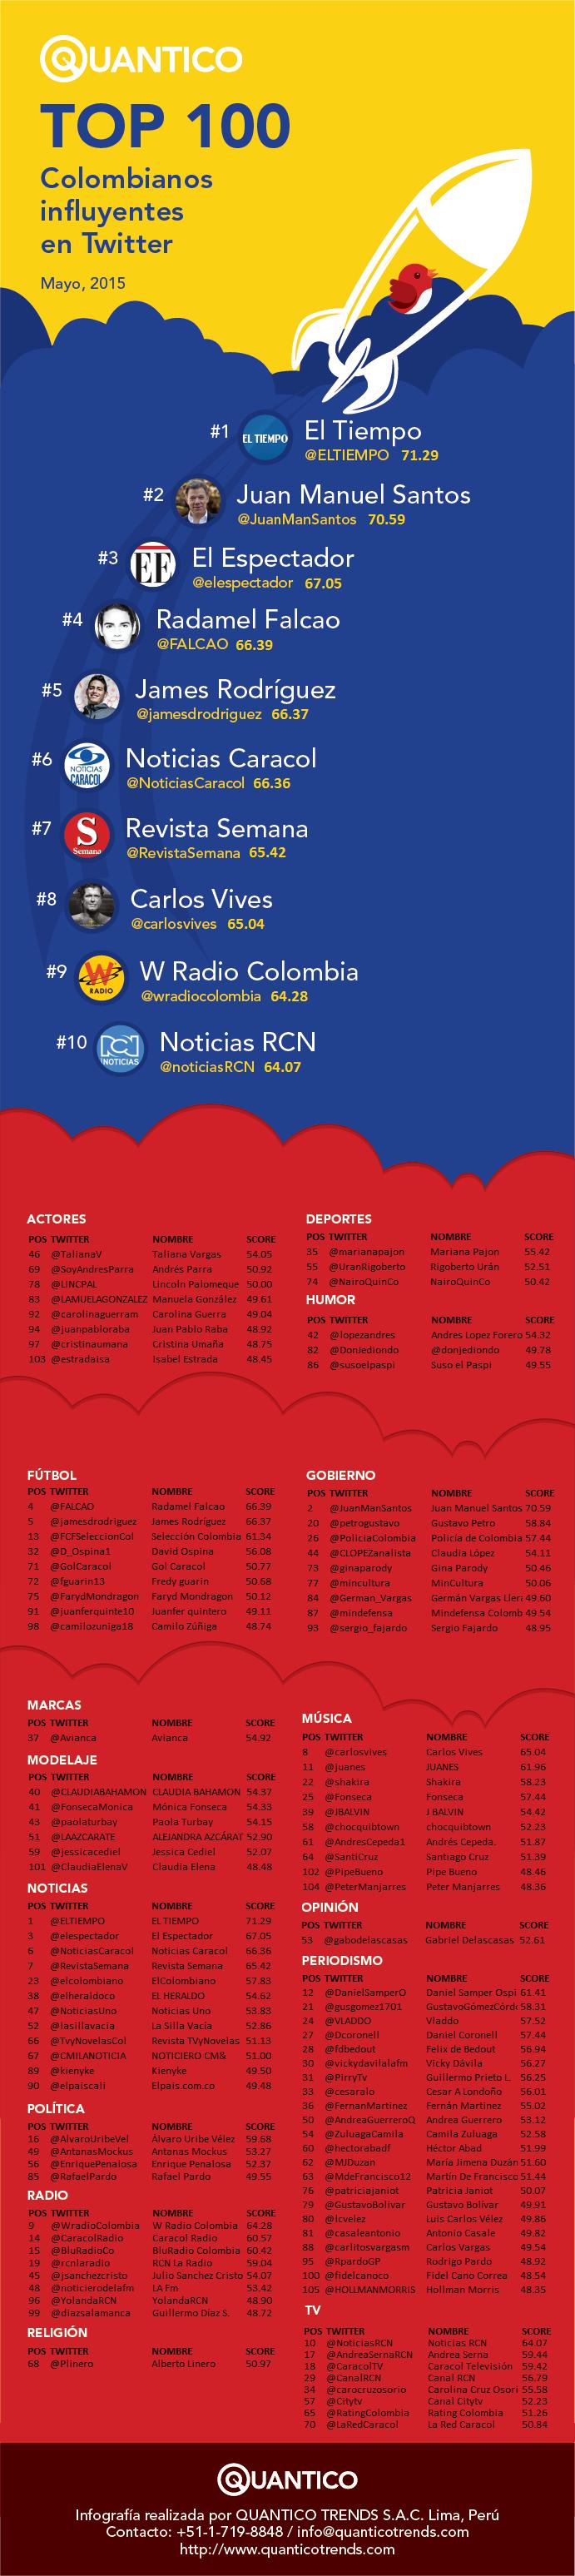 inforgrafia quantico trends colombia julio 2015